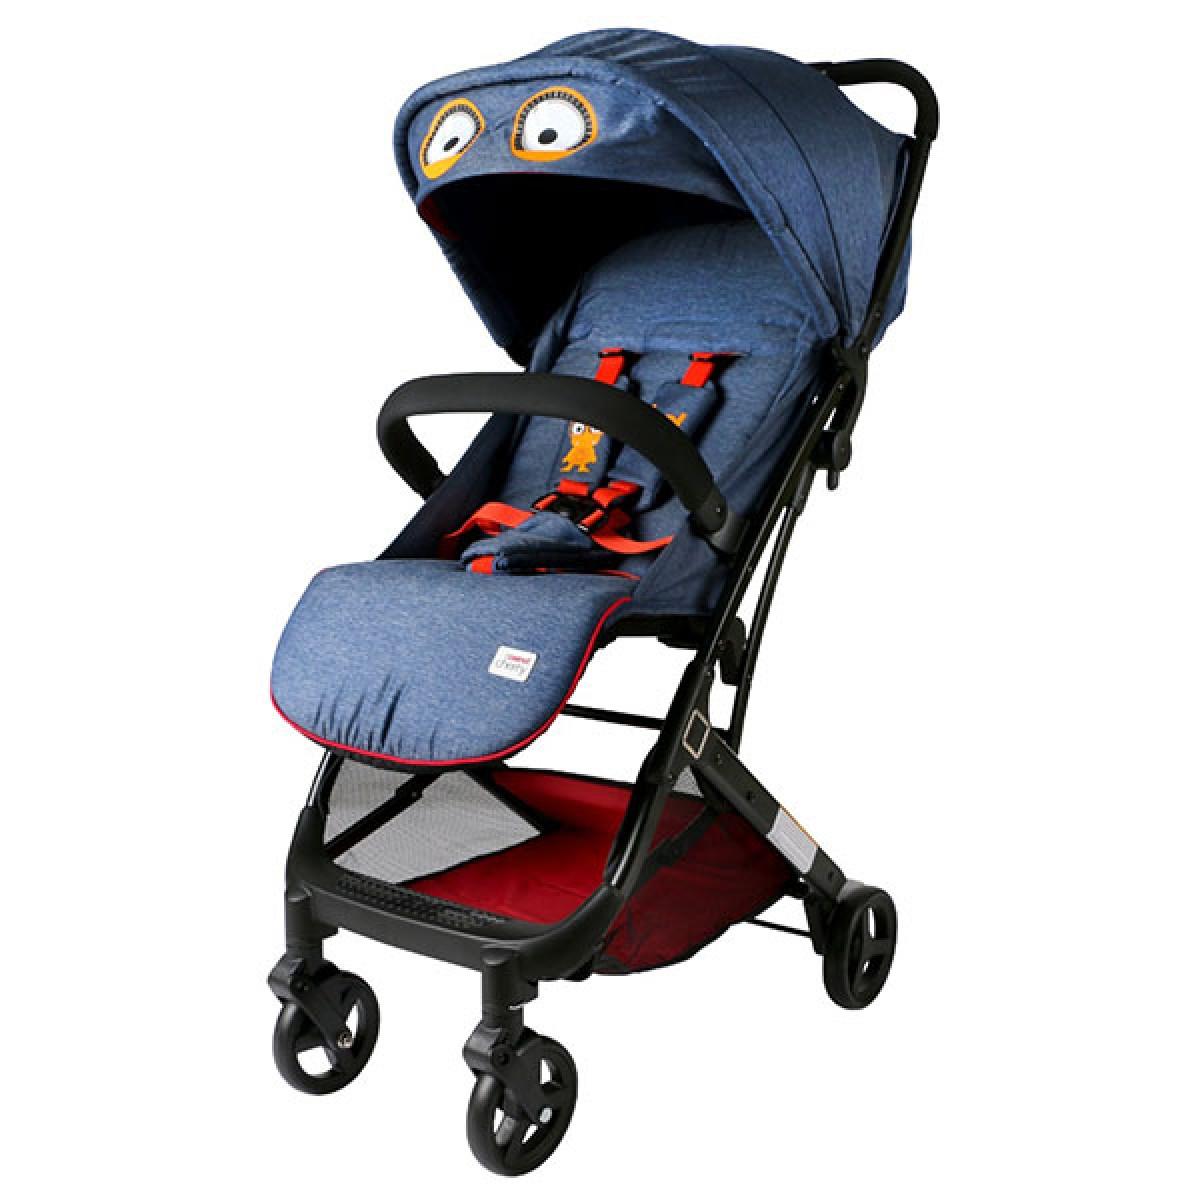 Minim Stroller - Kico Baby Center